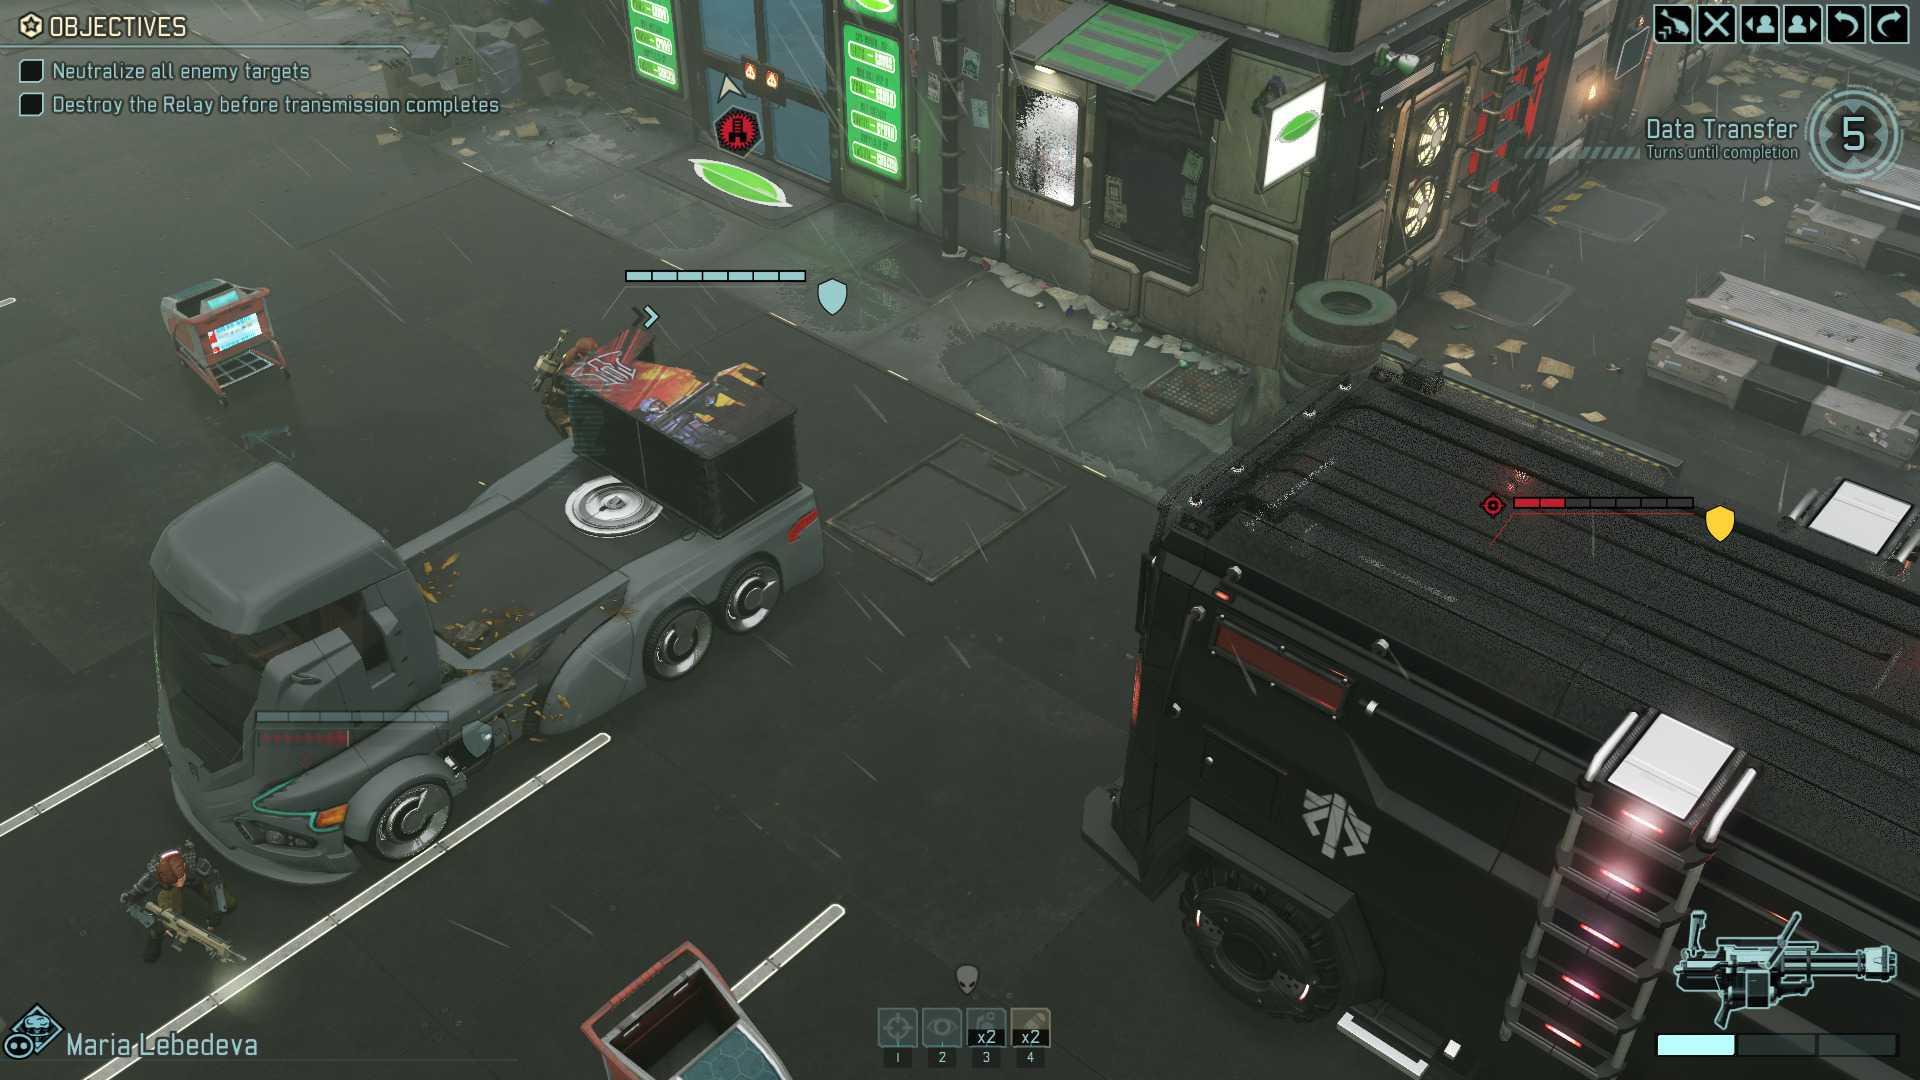 Die Missions-Timer zwingen zum Handeln, was Teilen der XCOM-Community gar nicht gefällt.